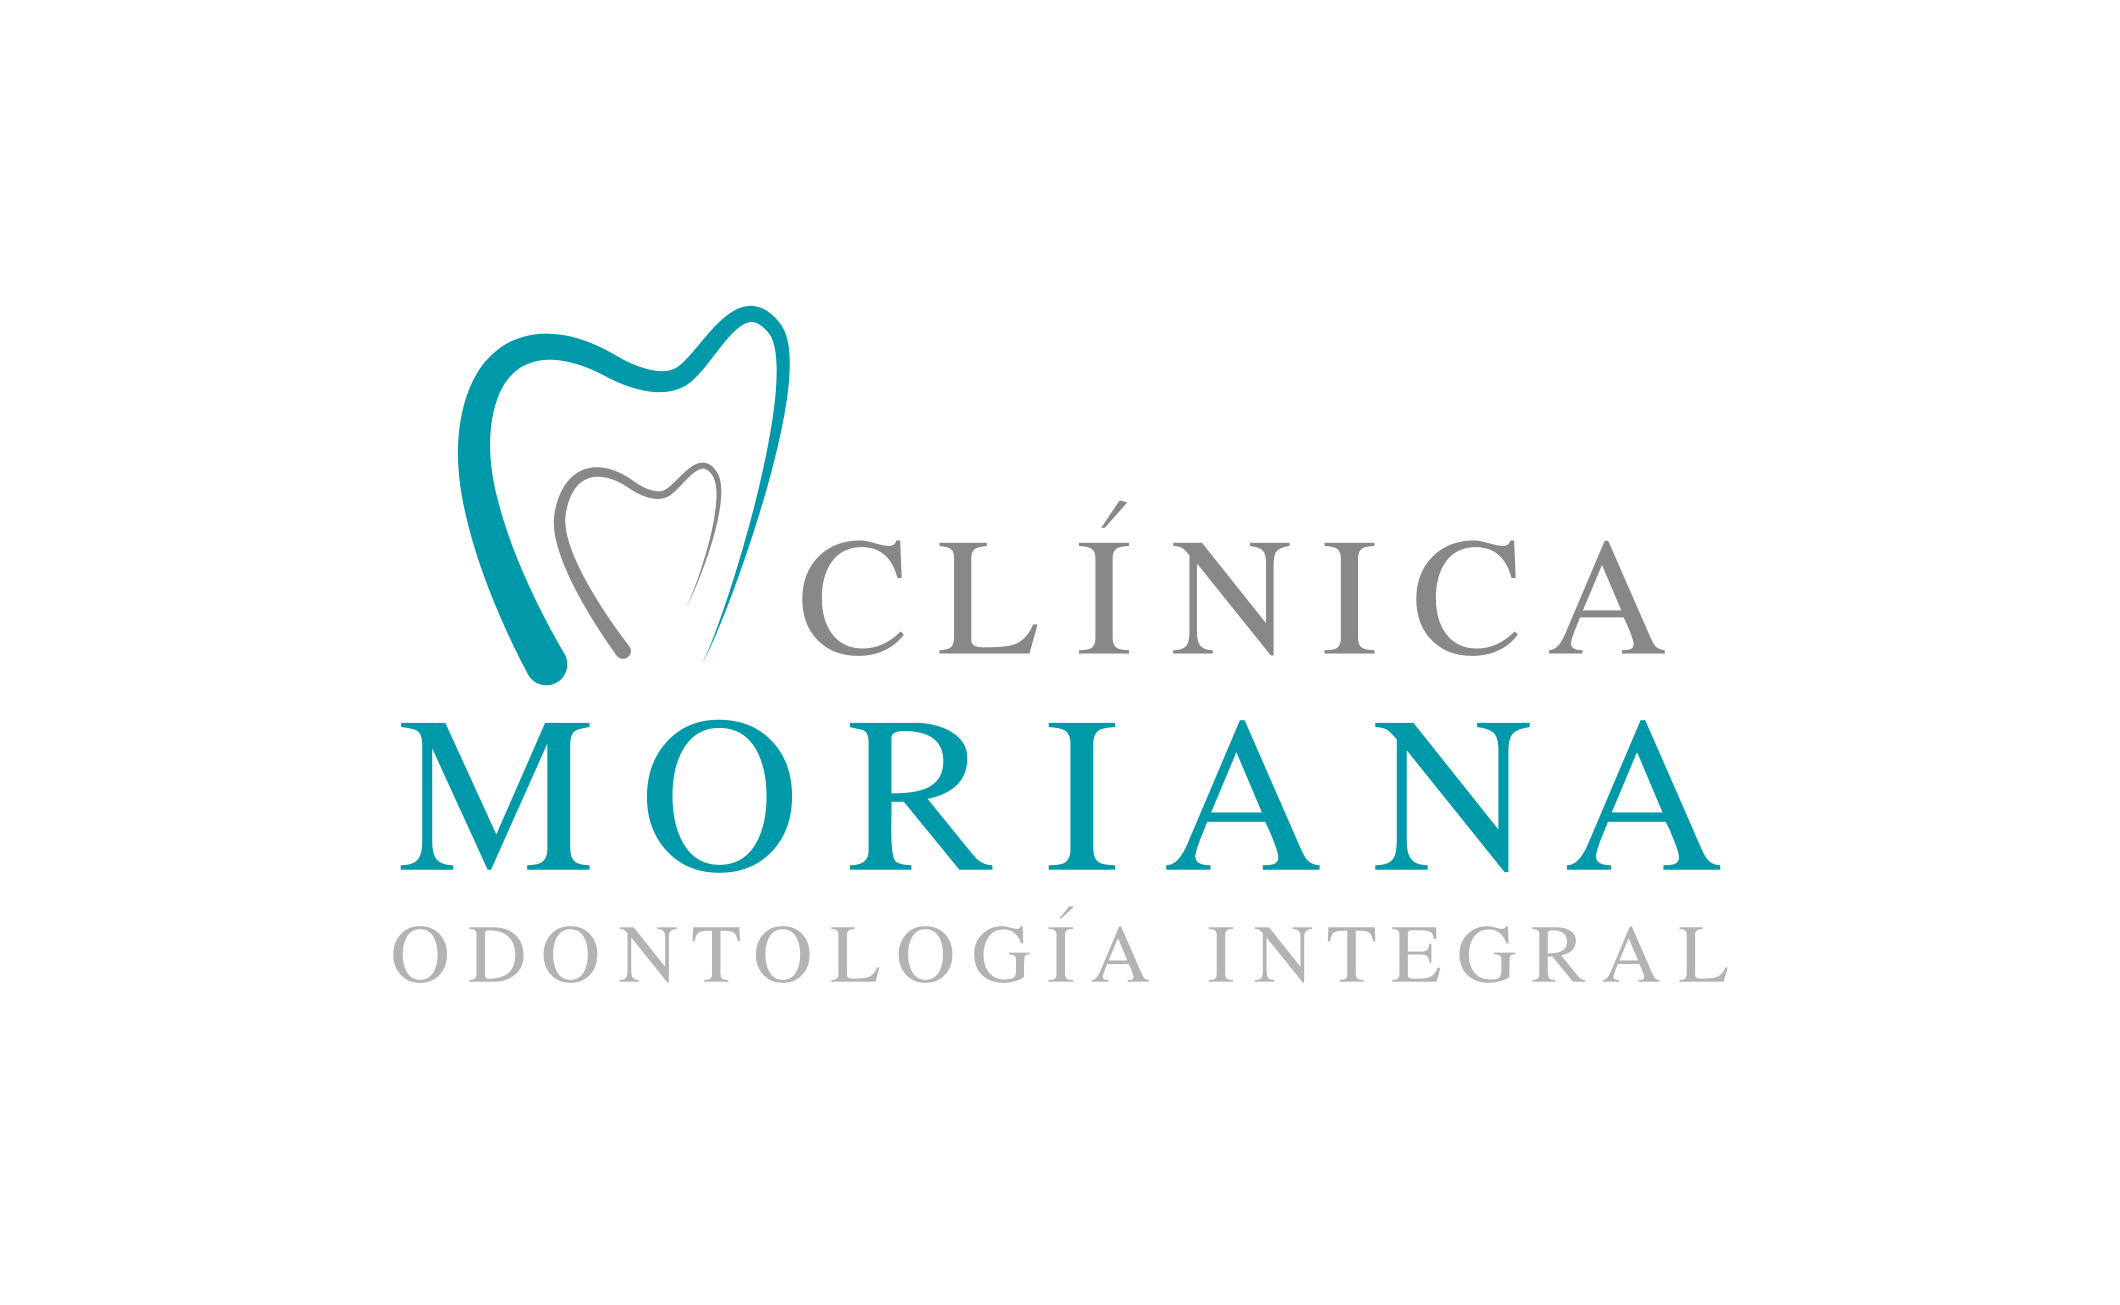 Clínica Moriana